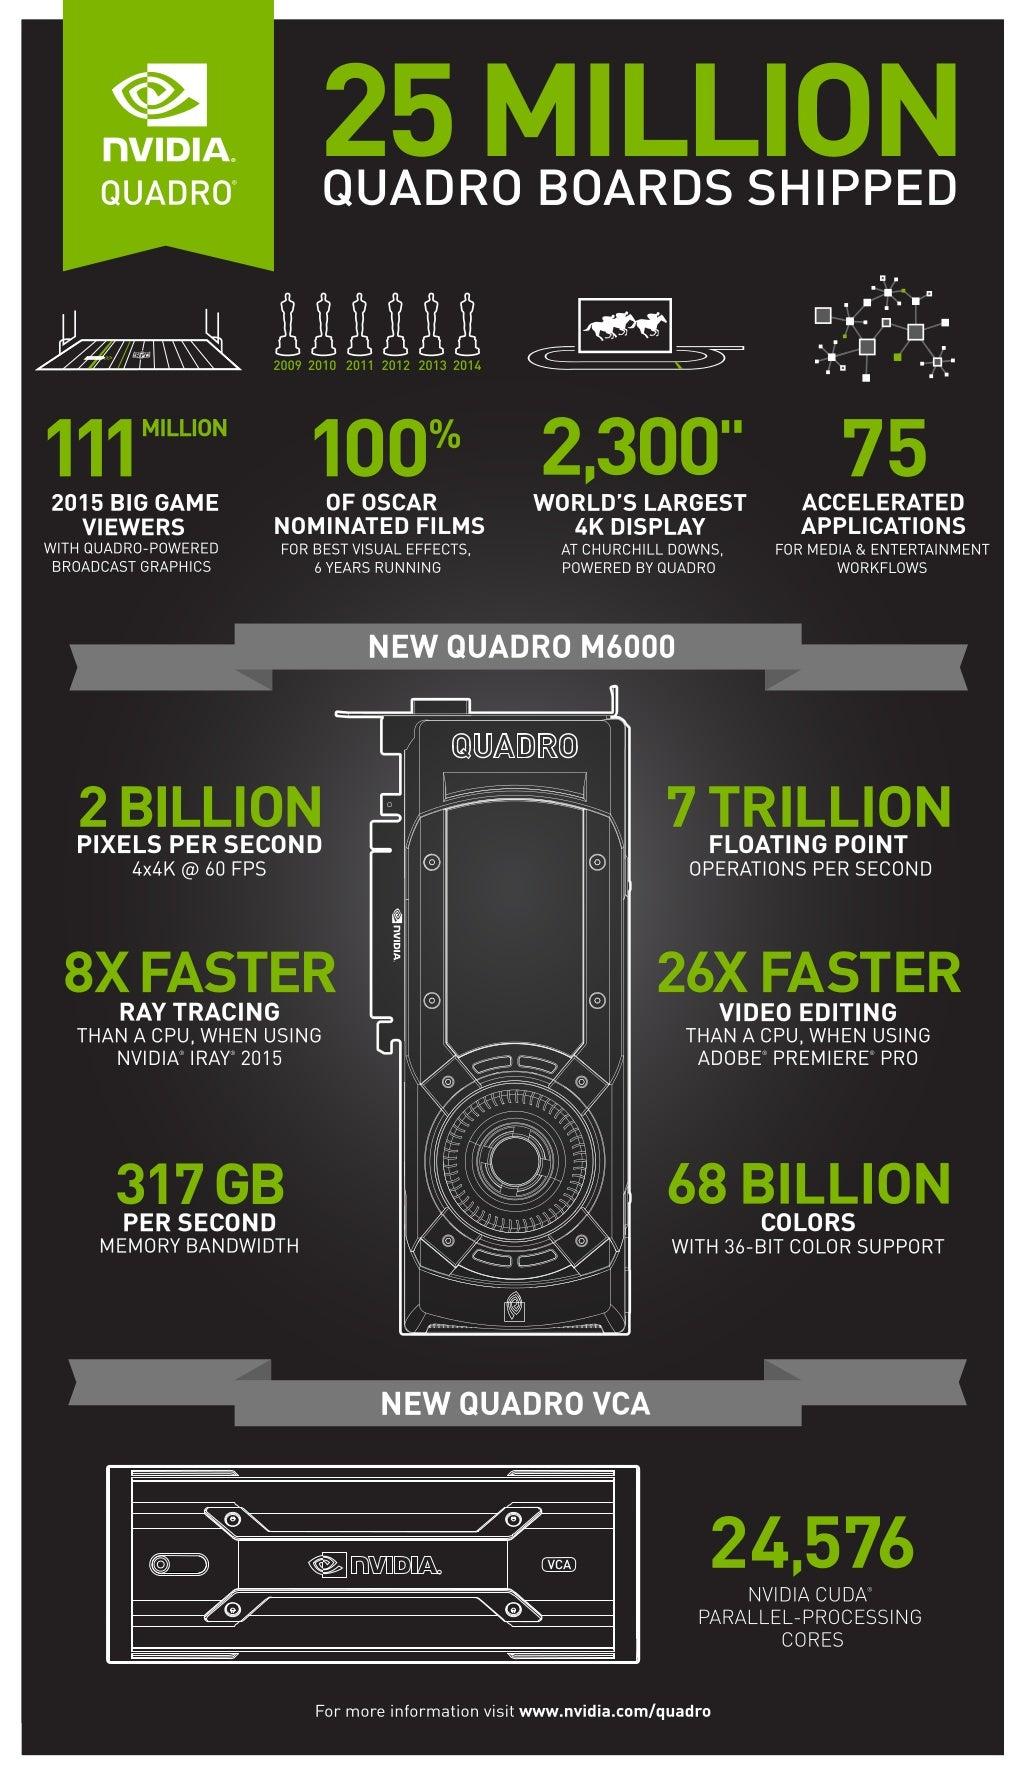 NVIDIA Quadro M6000 GPU and VCA